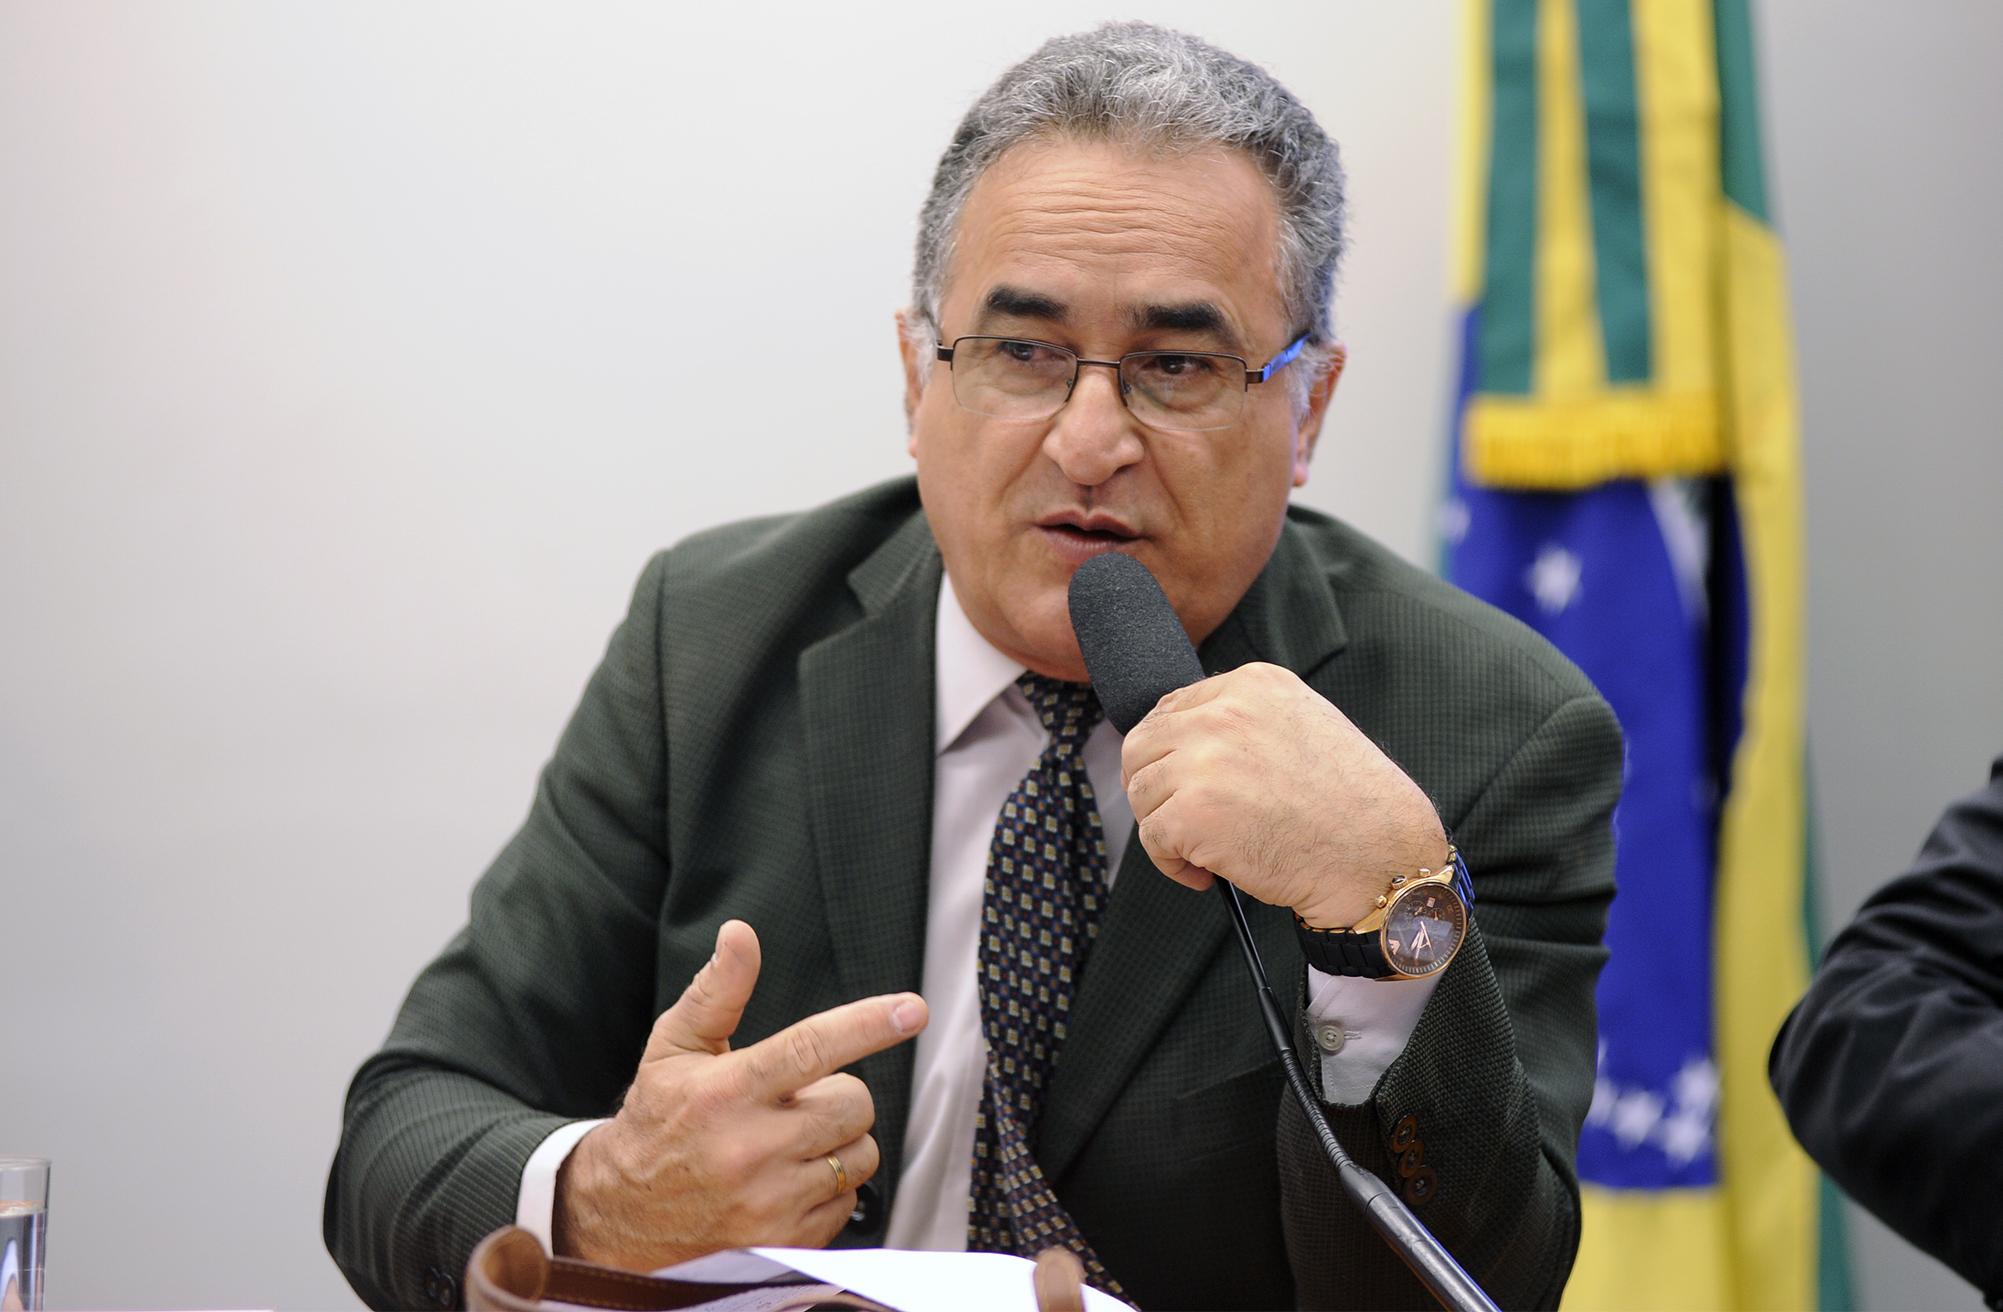 Audiência pública sobre o cenário atual das políticas públicas de educação no campo e suas perspectivas. Dep. Edmilson Rodrigues (PSOL - PA)